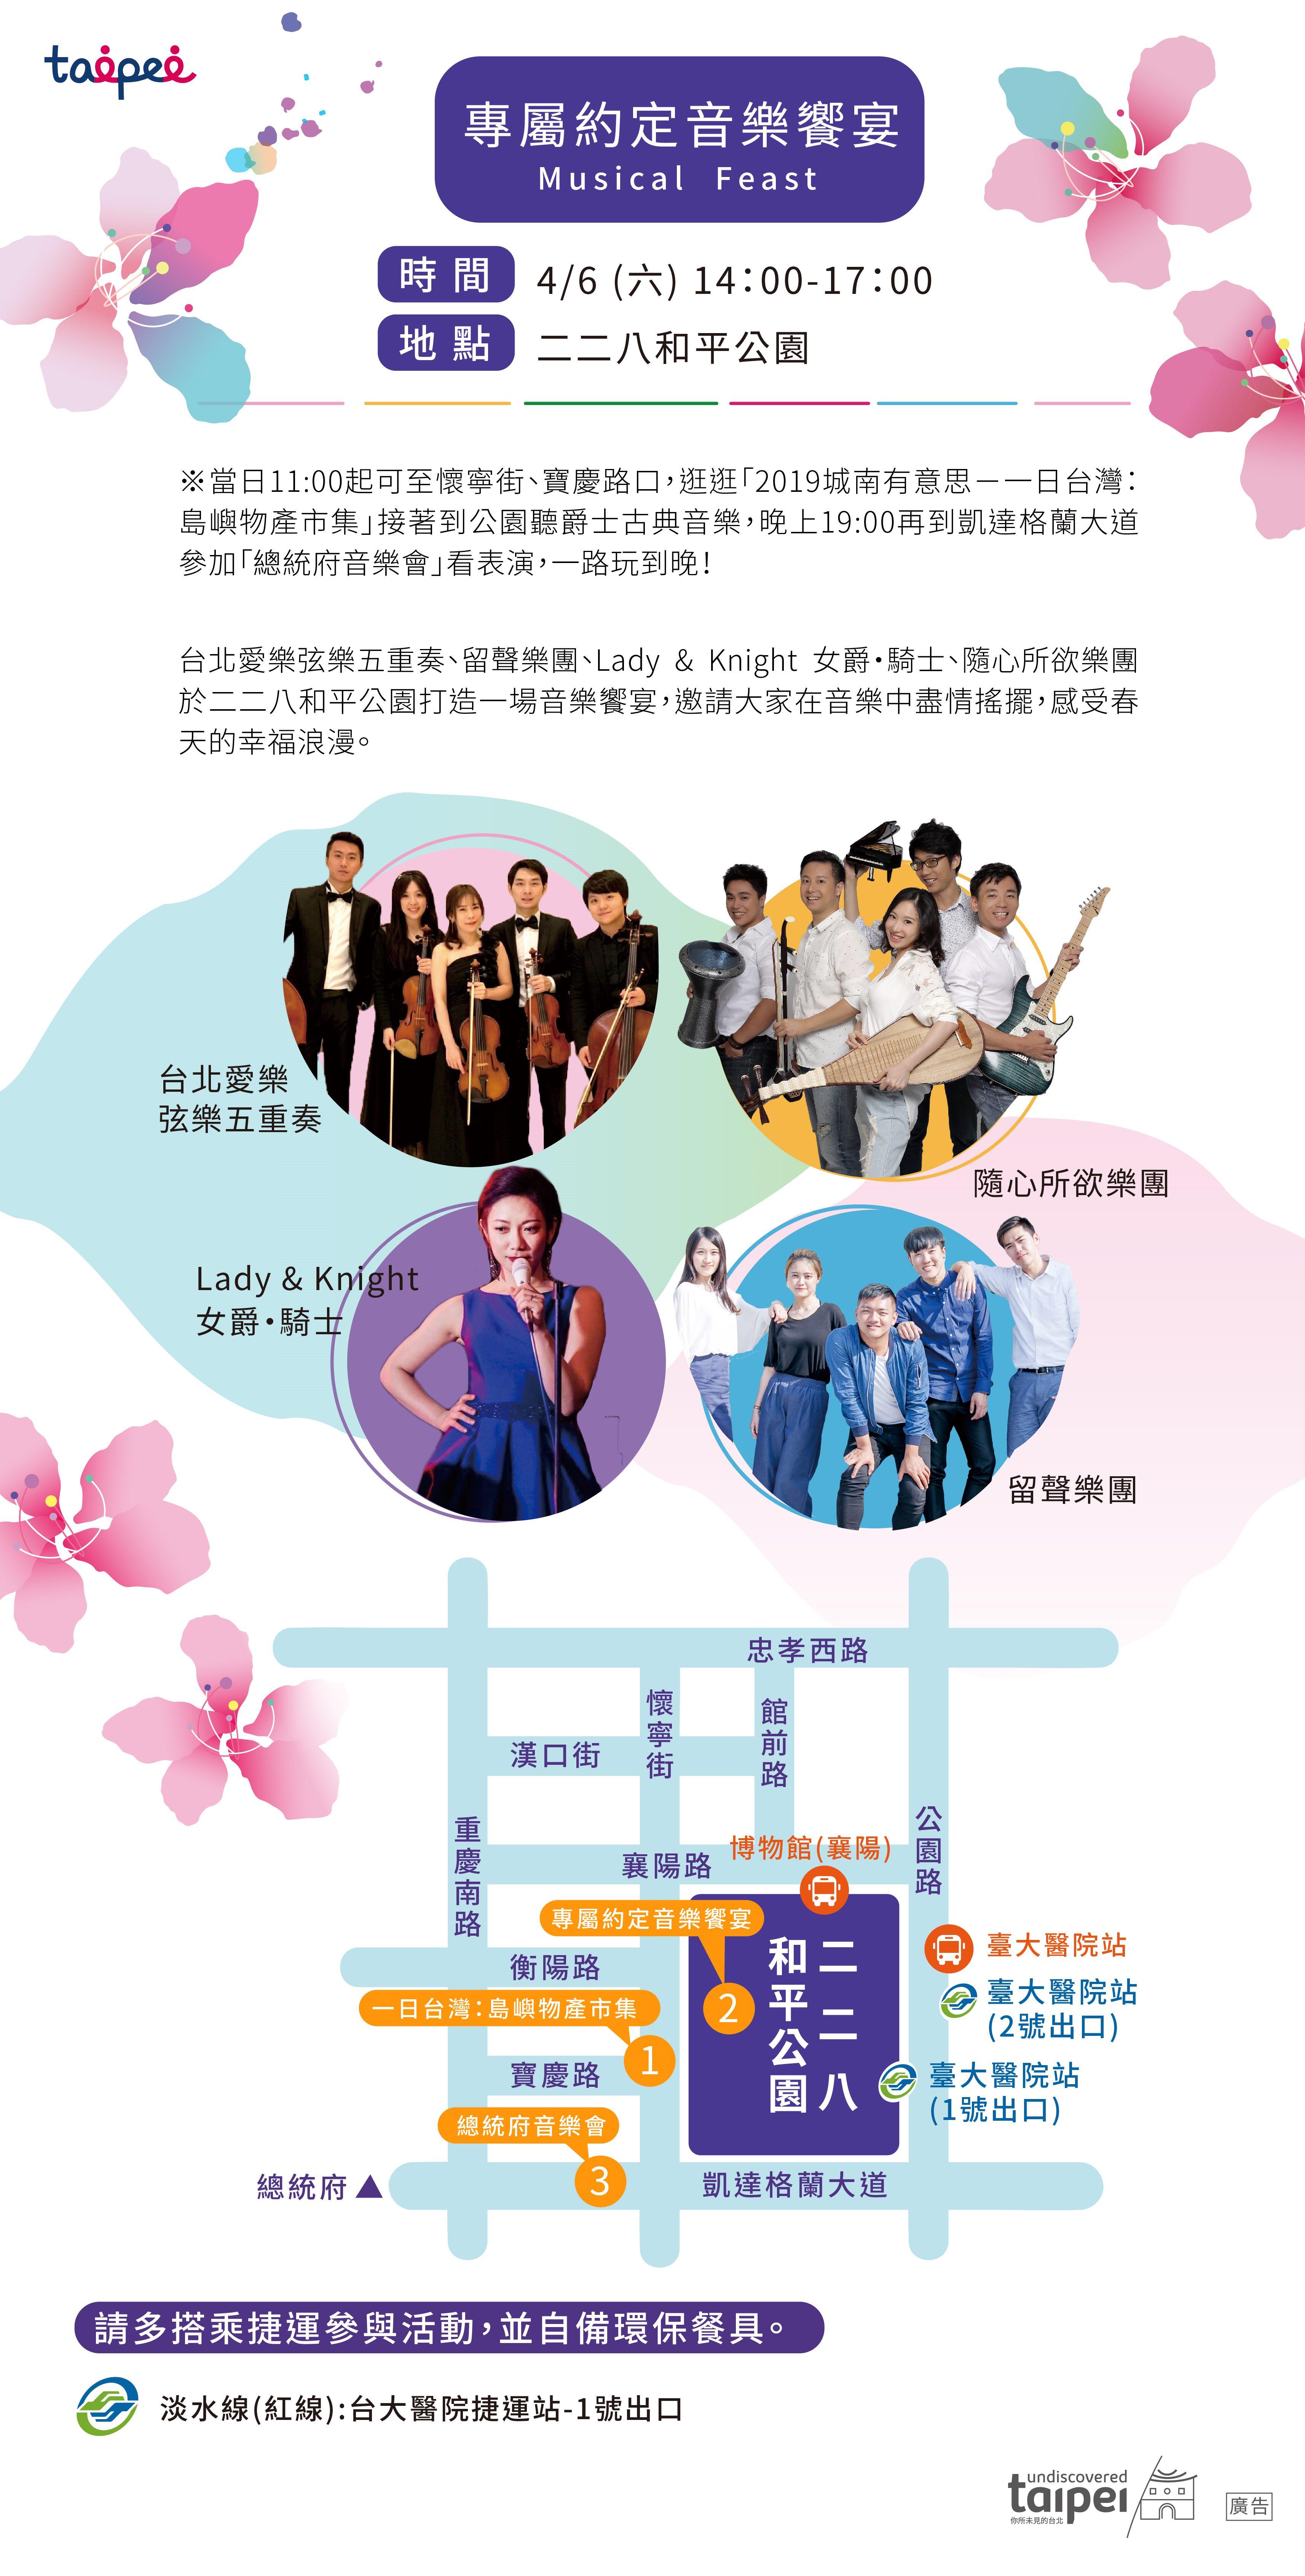 臺北杜鵑花季最終場活動,與「城南有意思」及「總統府音樂會」合作,連續一整日的音樂會與市集,讓大家開心度過連假一路玩到晚